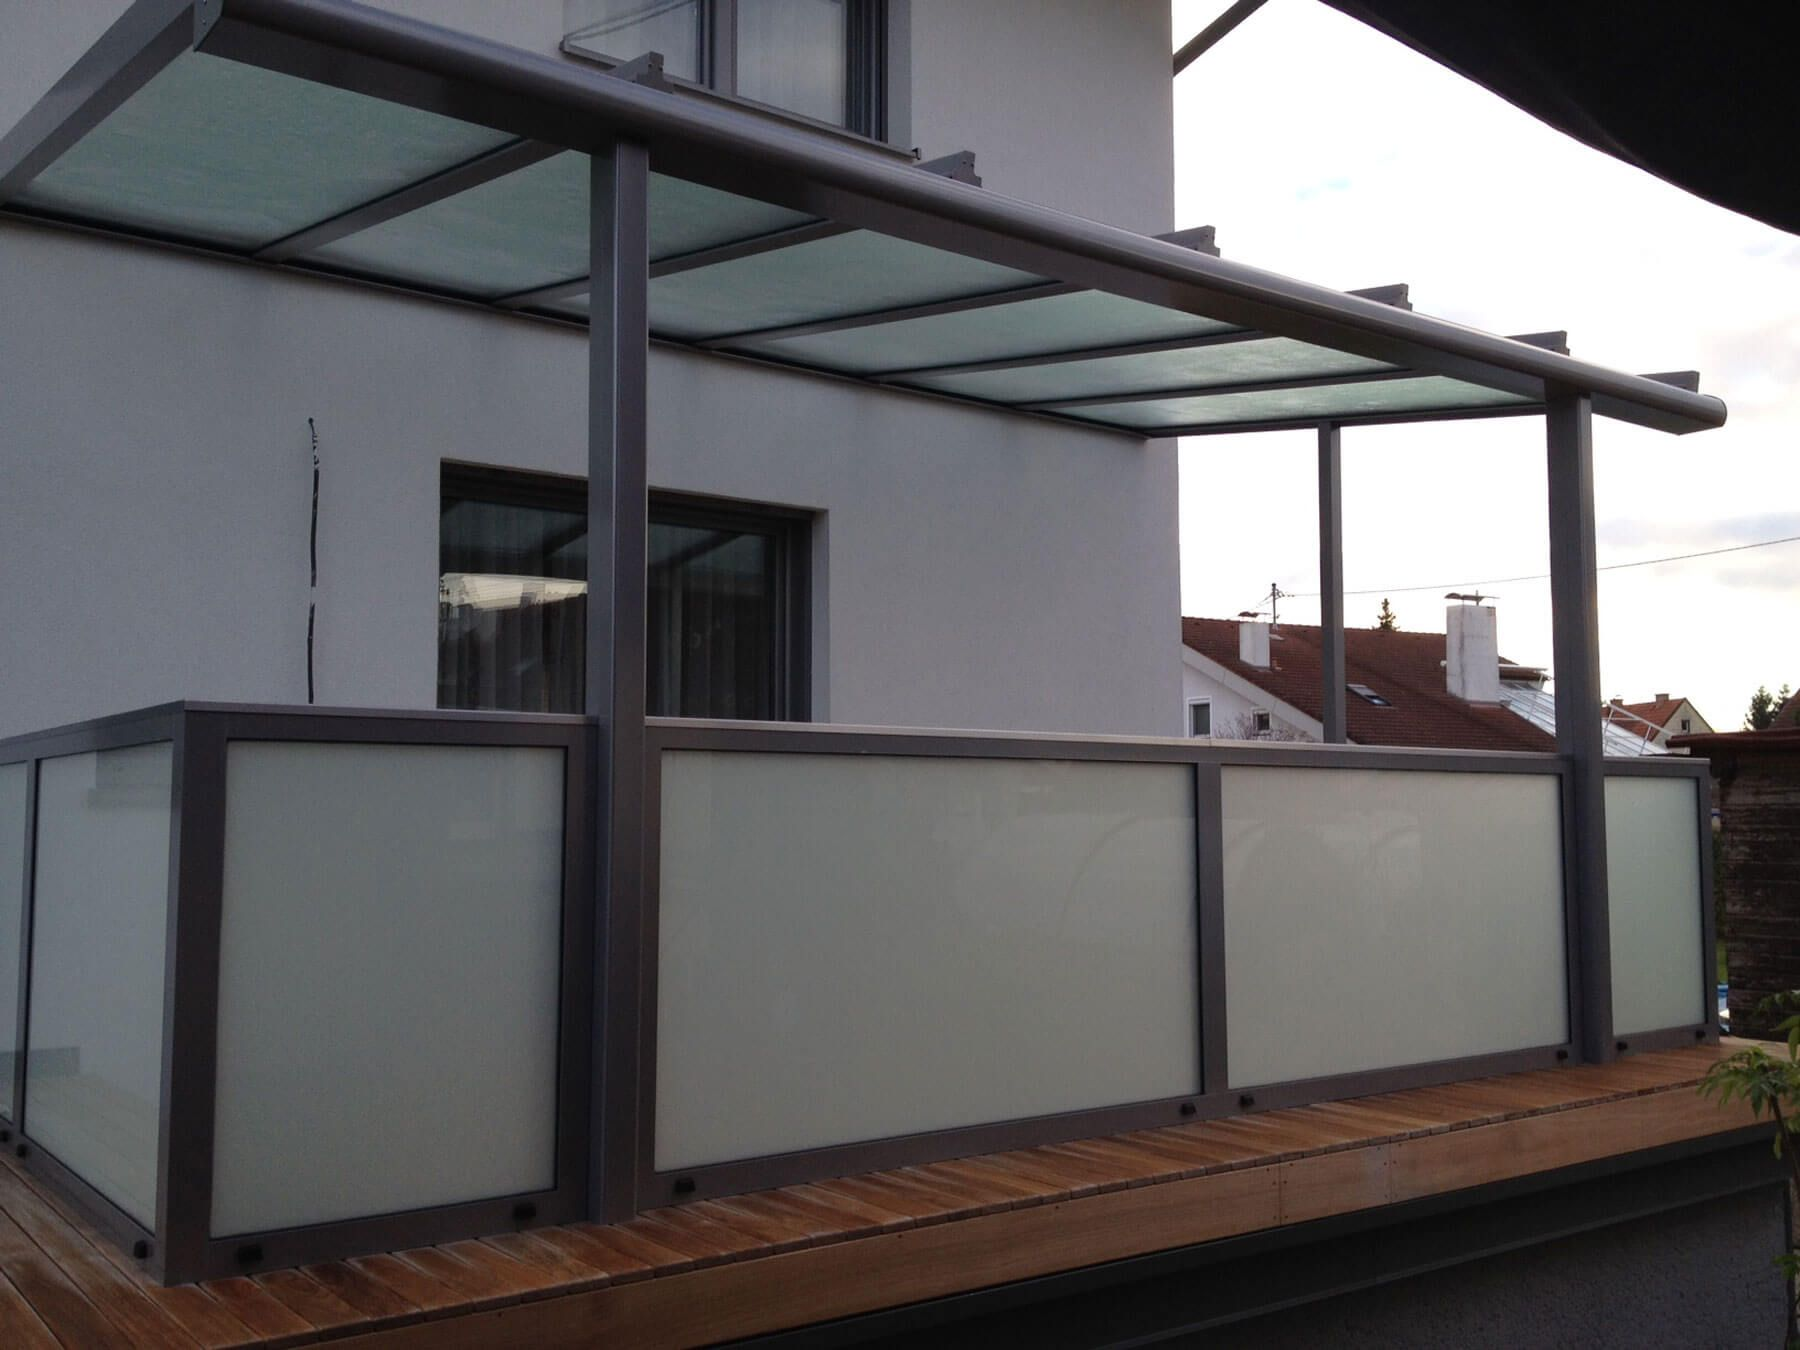 Terrassenüberdachung Mit Geländer Aus Alu & Milchglas   Terasse ... Auswahl Materialien Terrassenuberdachung